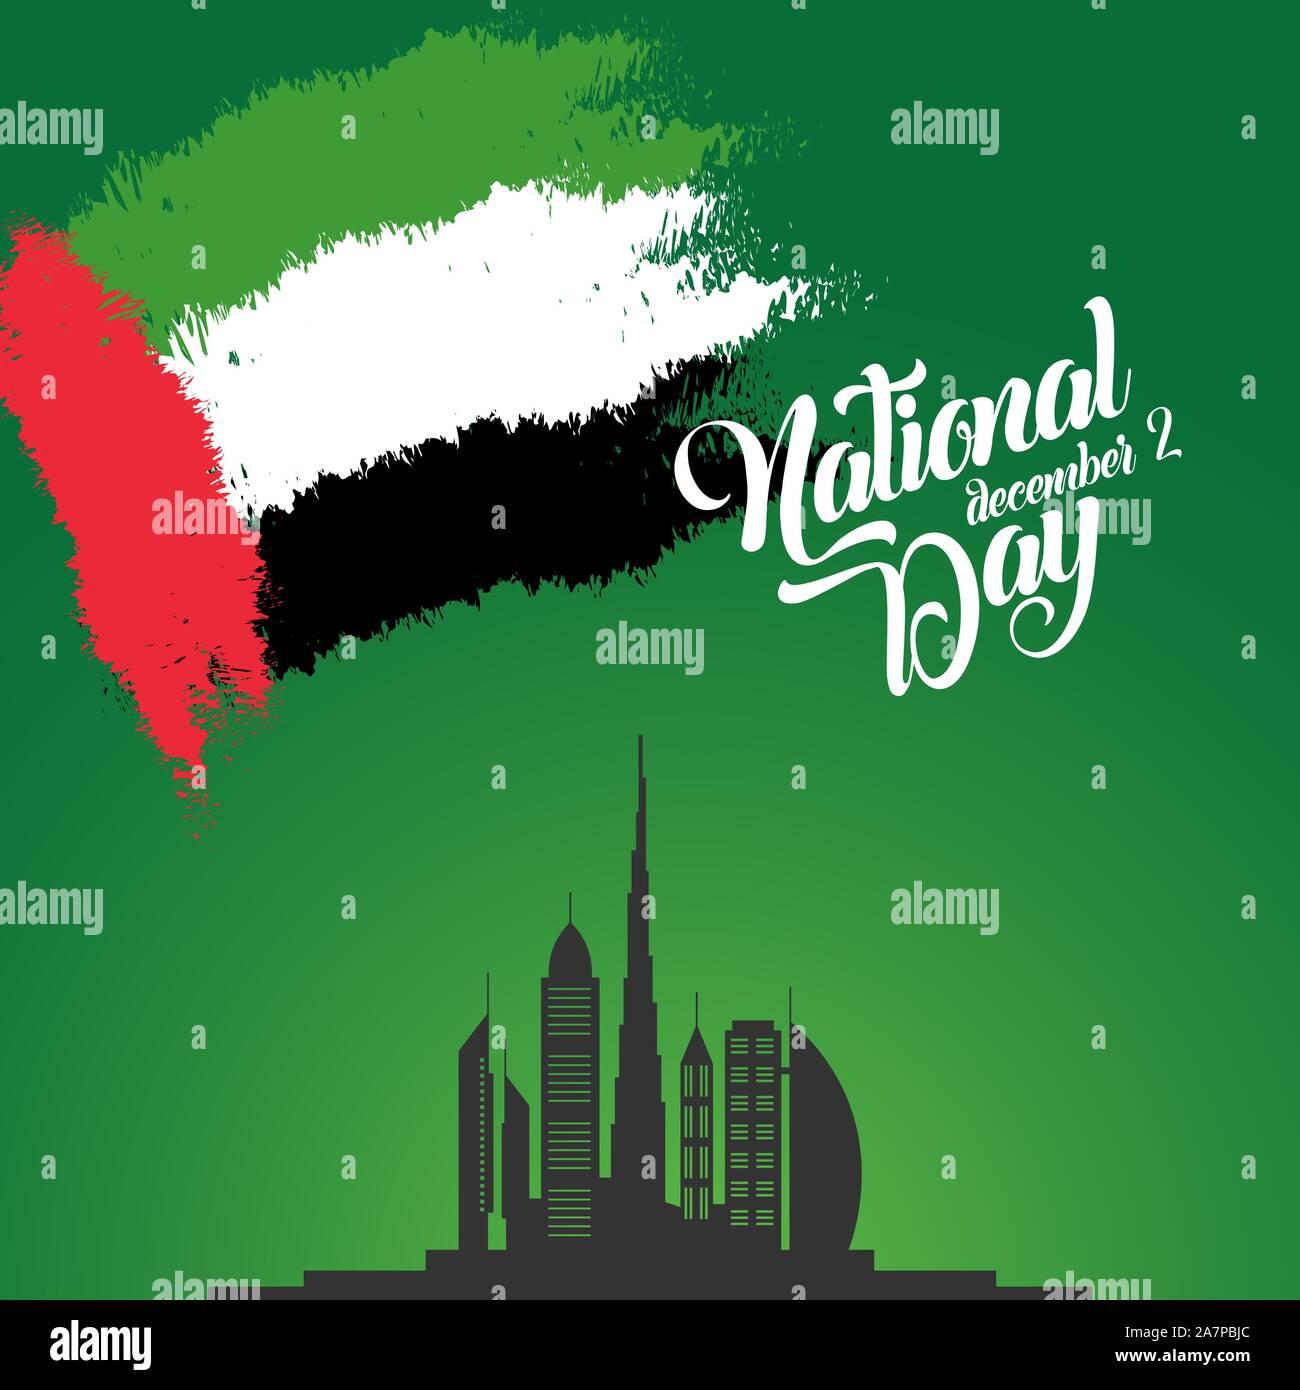 Happy National Day UAE. United Arab Emirates national day ...